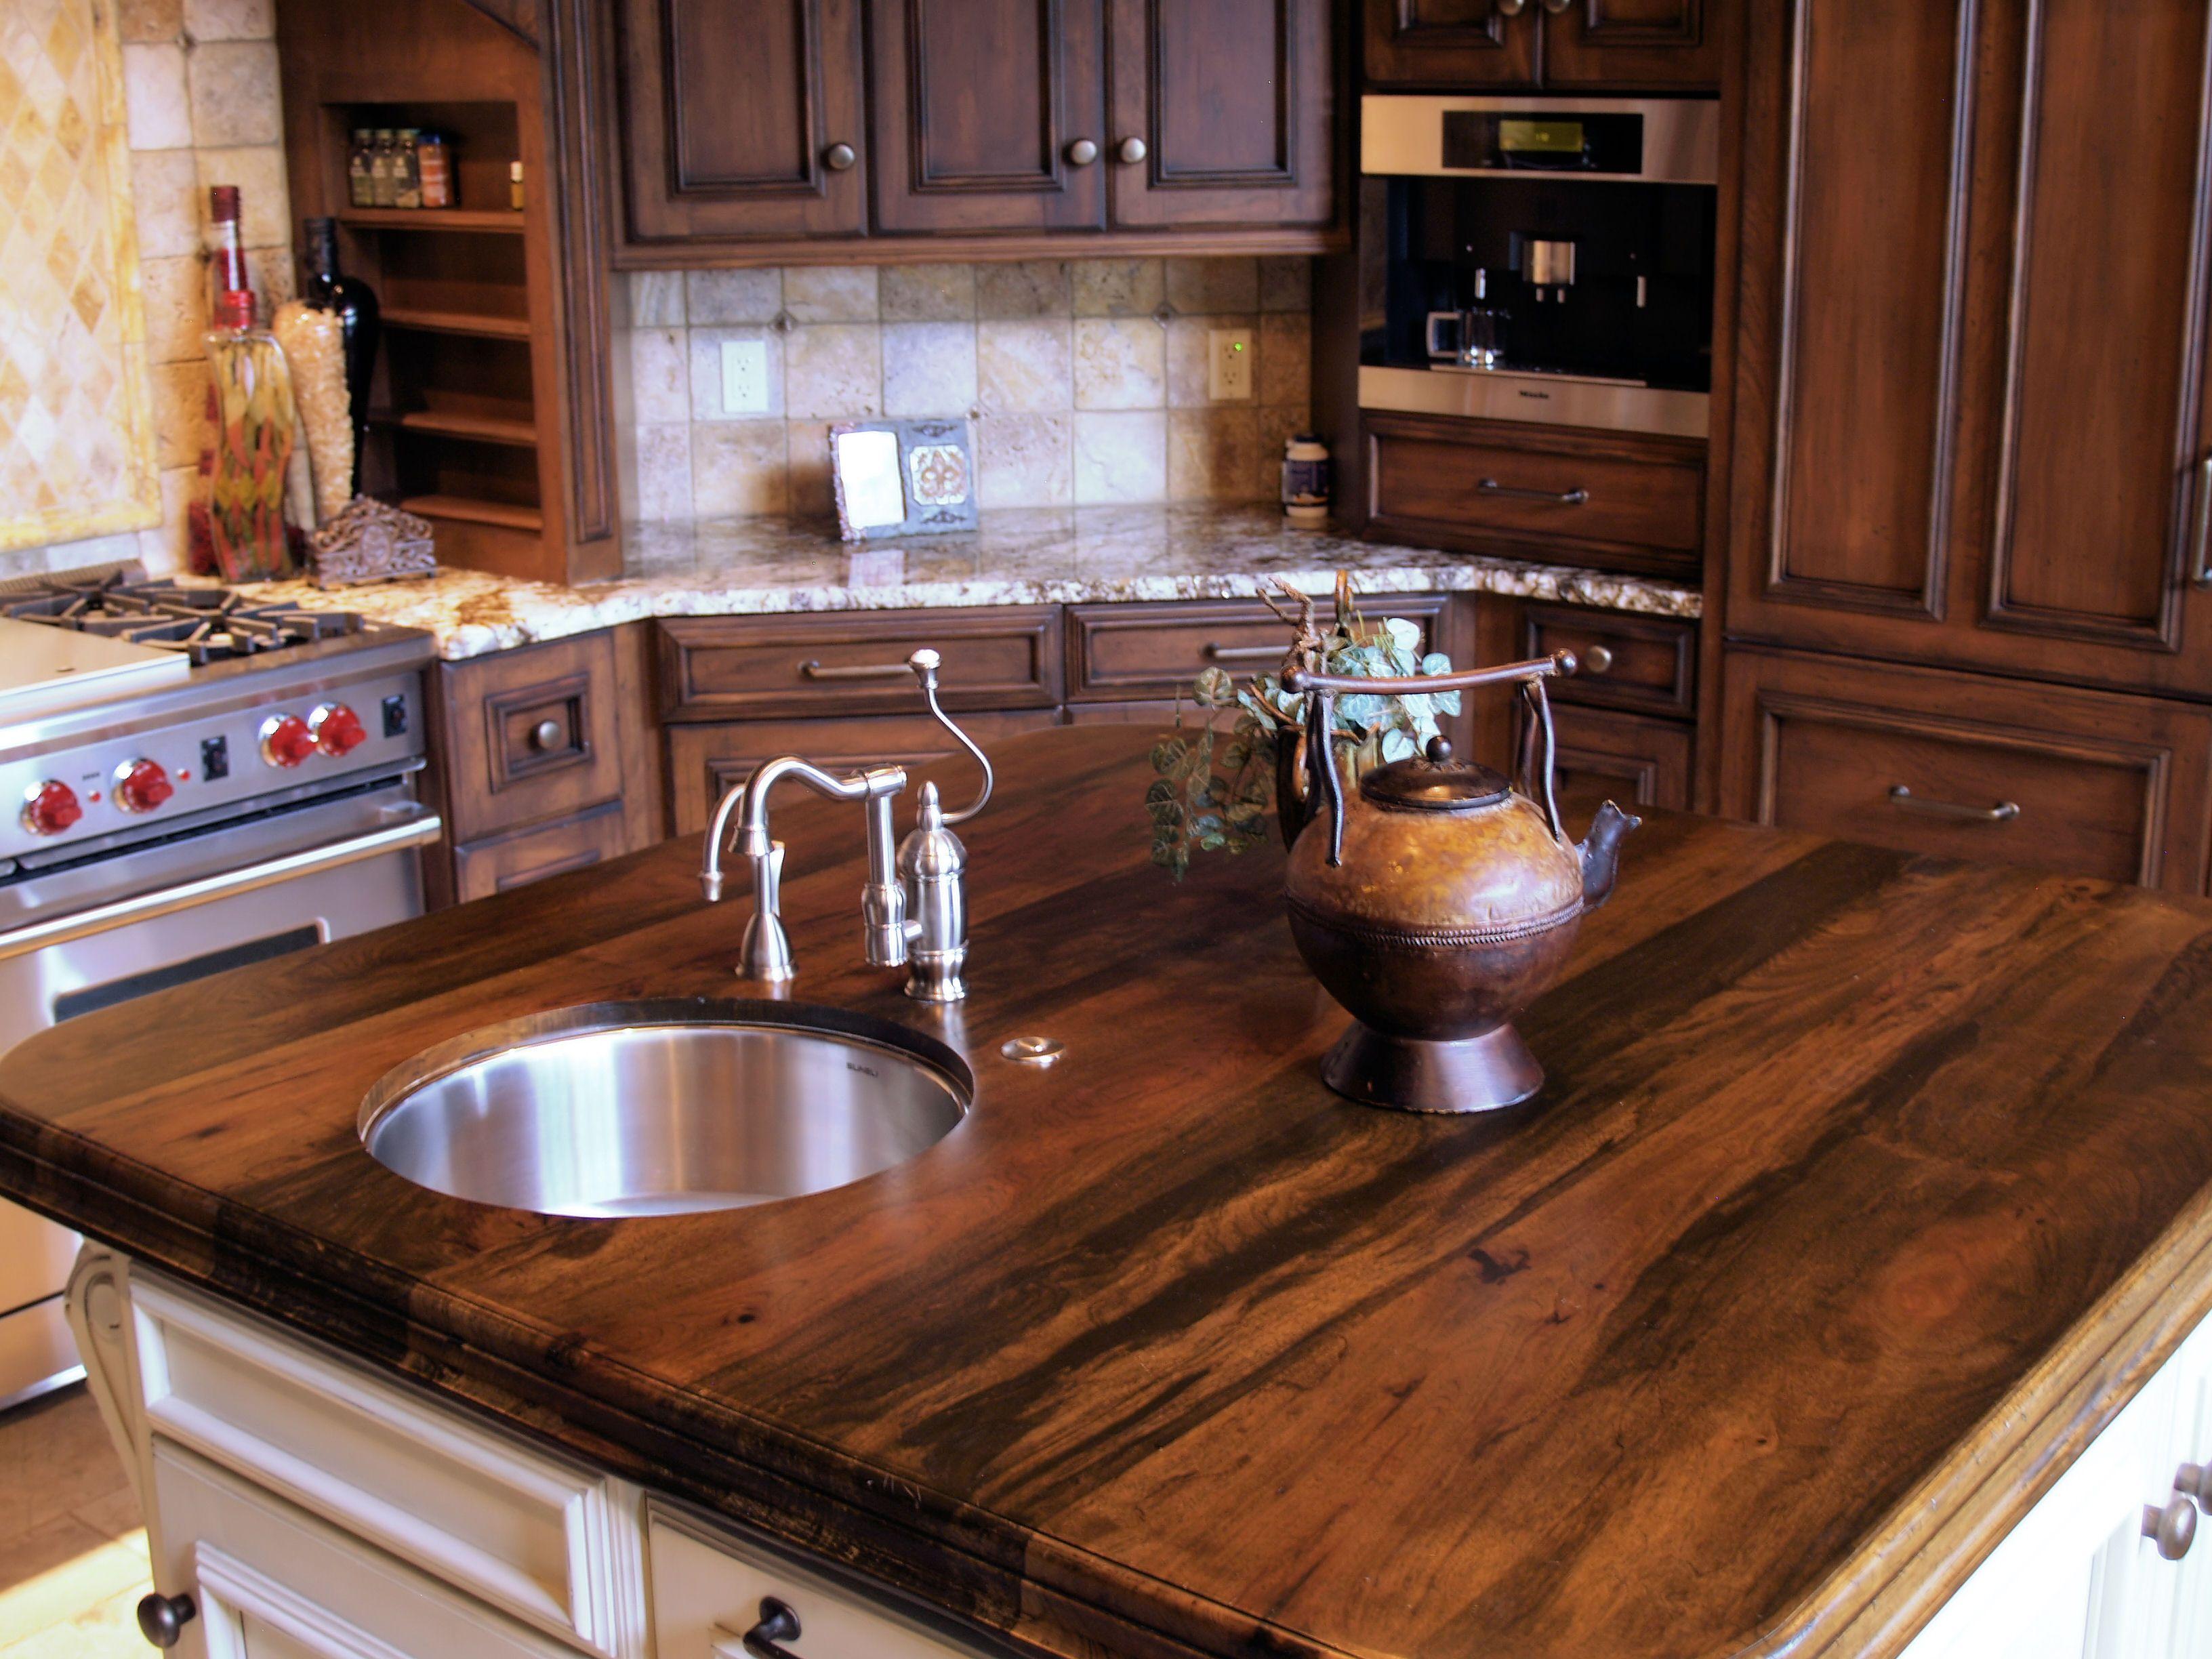 Деревянные кухонные столешницы. Кухонные острова из темного дерева - фото 1